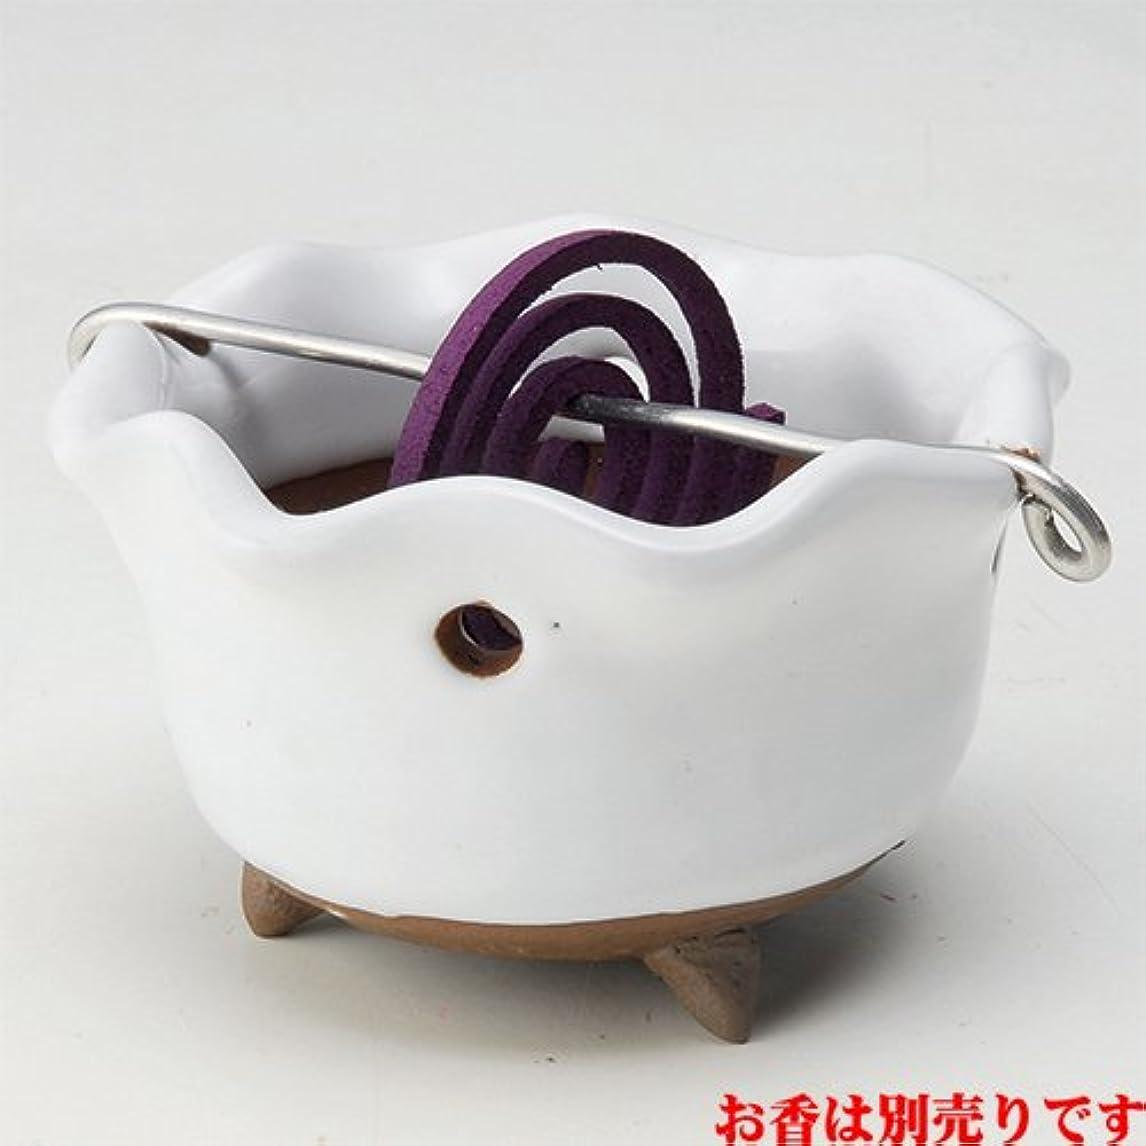 艦隊最悪分離香皿 白志野 花型 香鉢 [R8.5xH5.3cm] HANDMADE プレゼント ギフト 和食器 かわいい インテリア